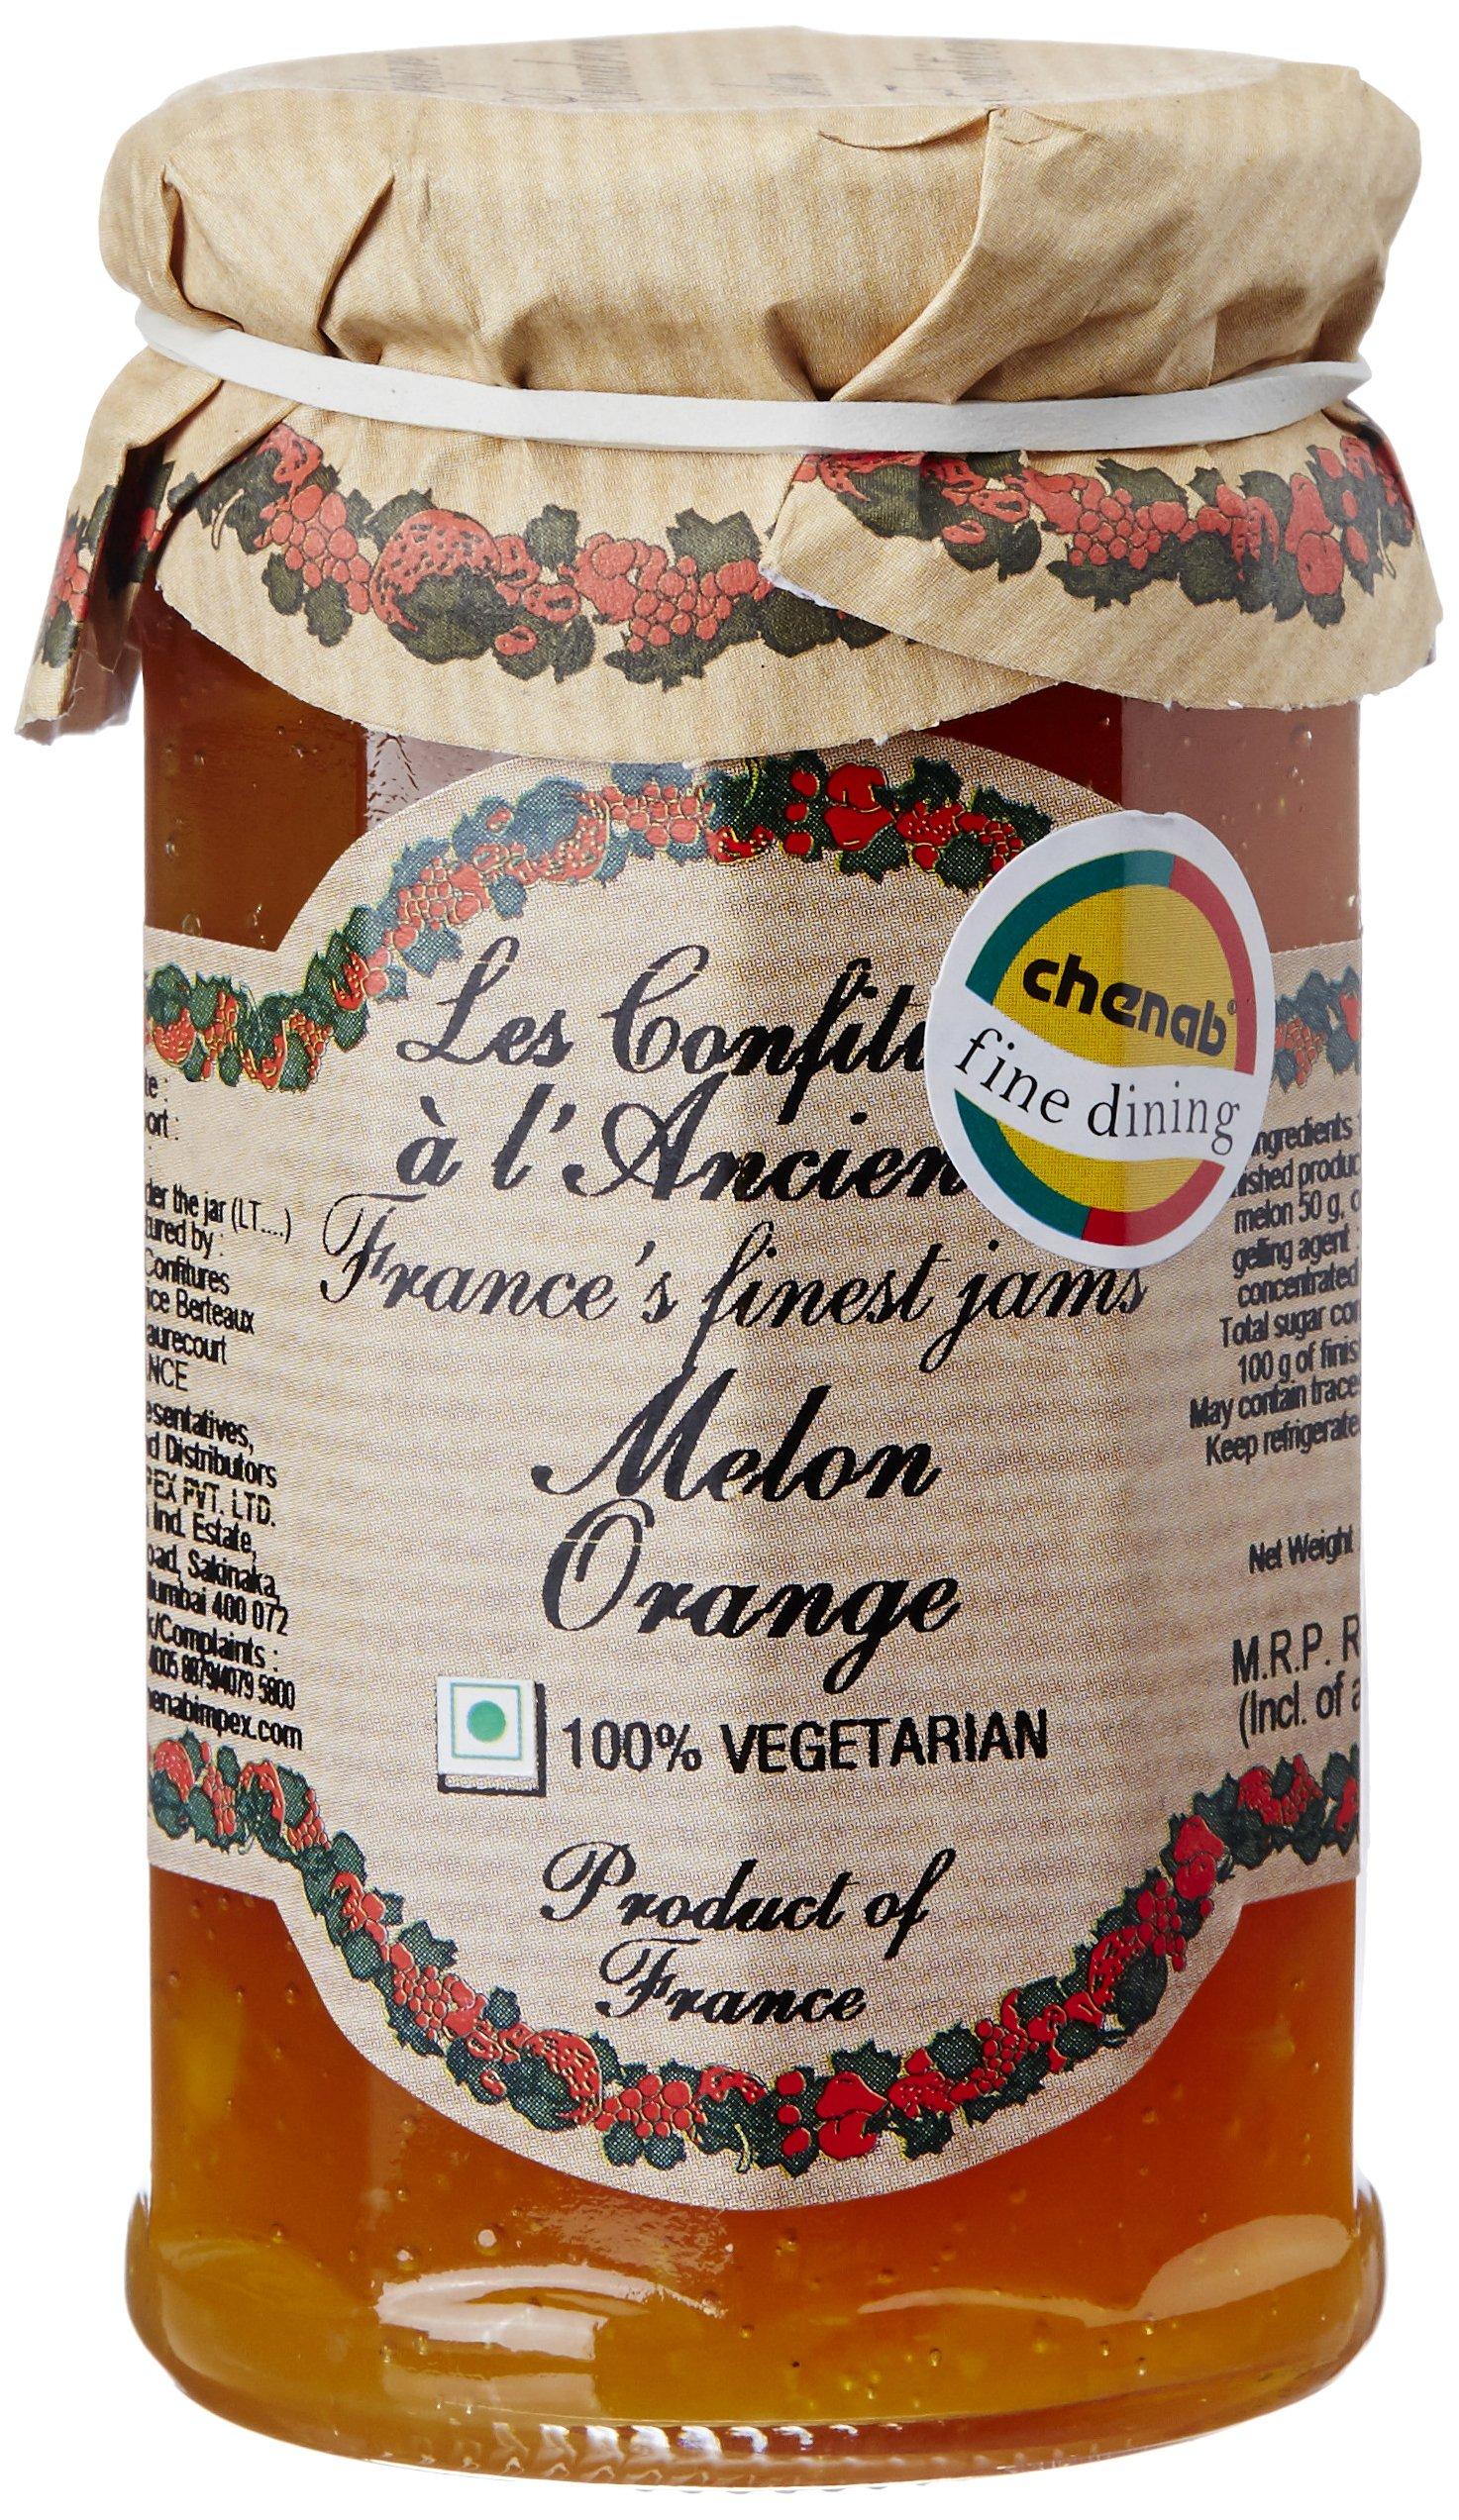 Les Confitures A L'Ancienne 1 Fruit Jam, Melon Orange, 270G